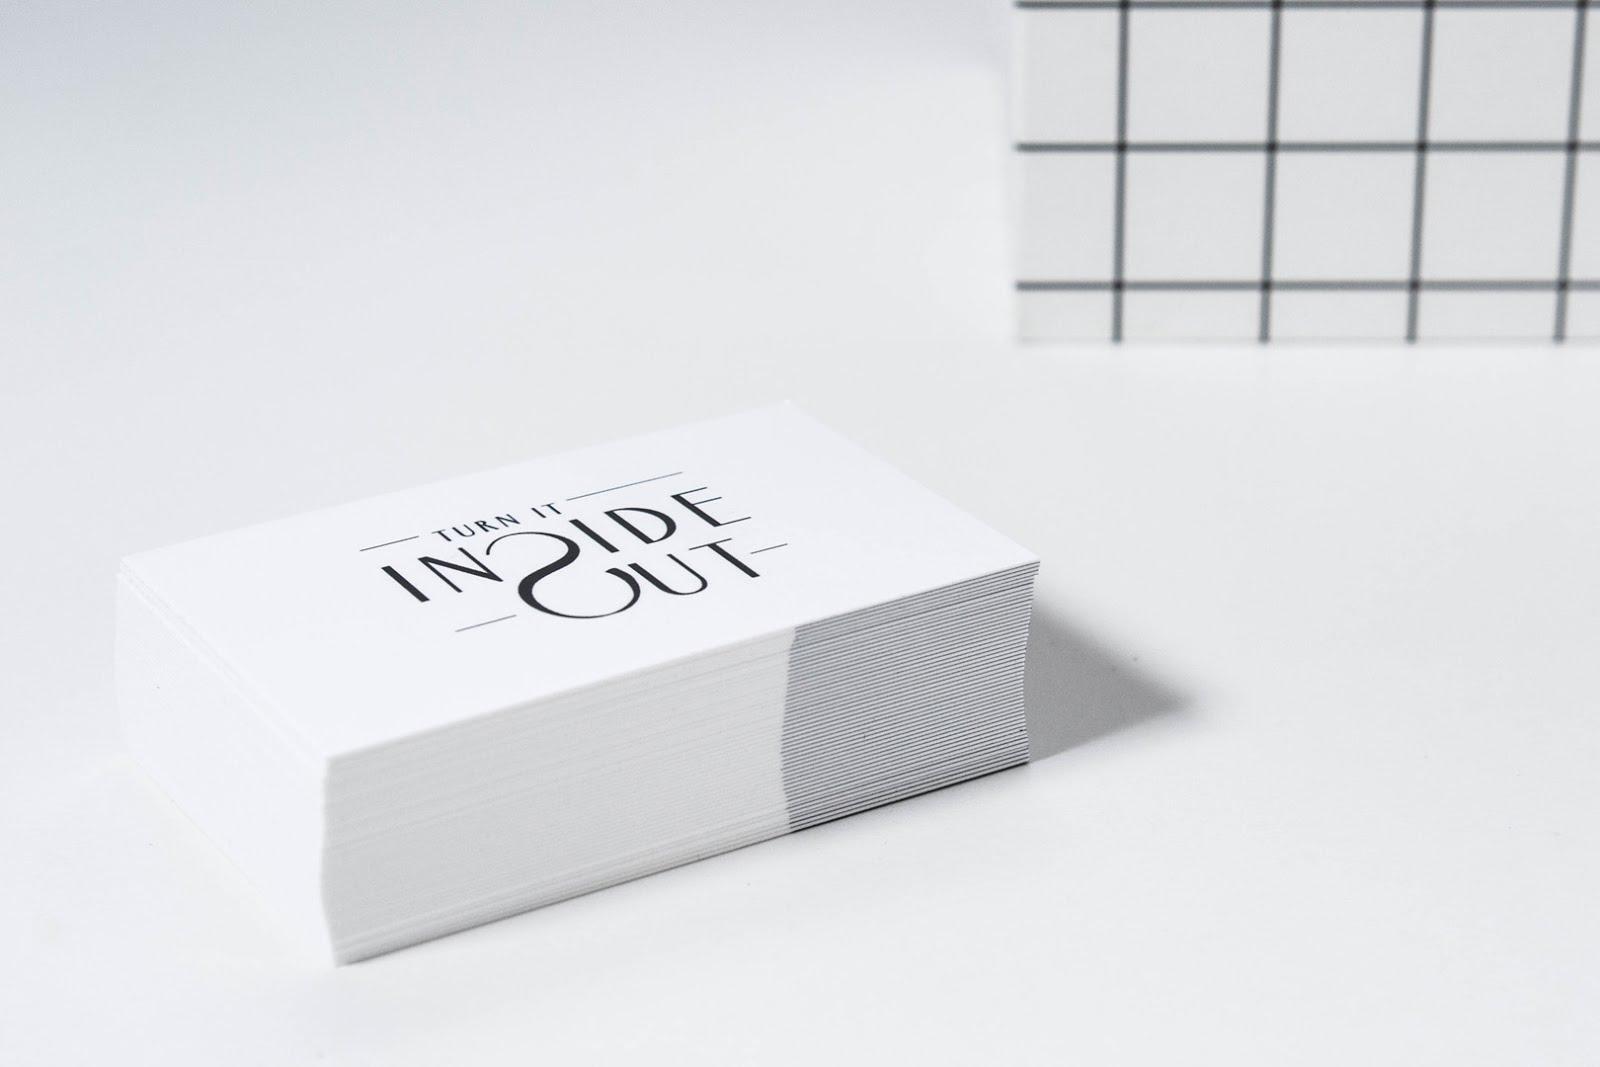 Business cards zelf ontwerpen image collections card design and business cards zelf ontwerpen image collections card design and zelf business cards printen images card design reheart Image collections